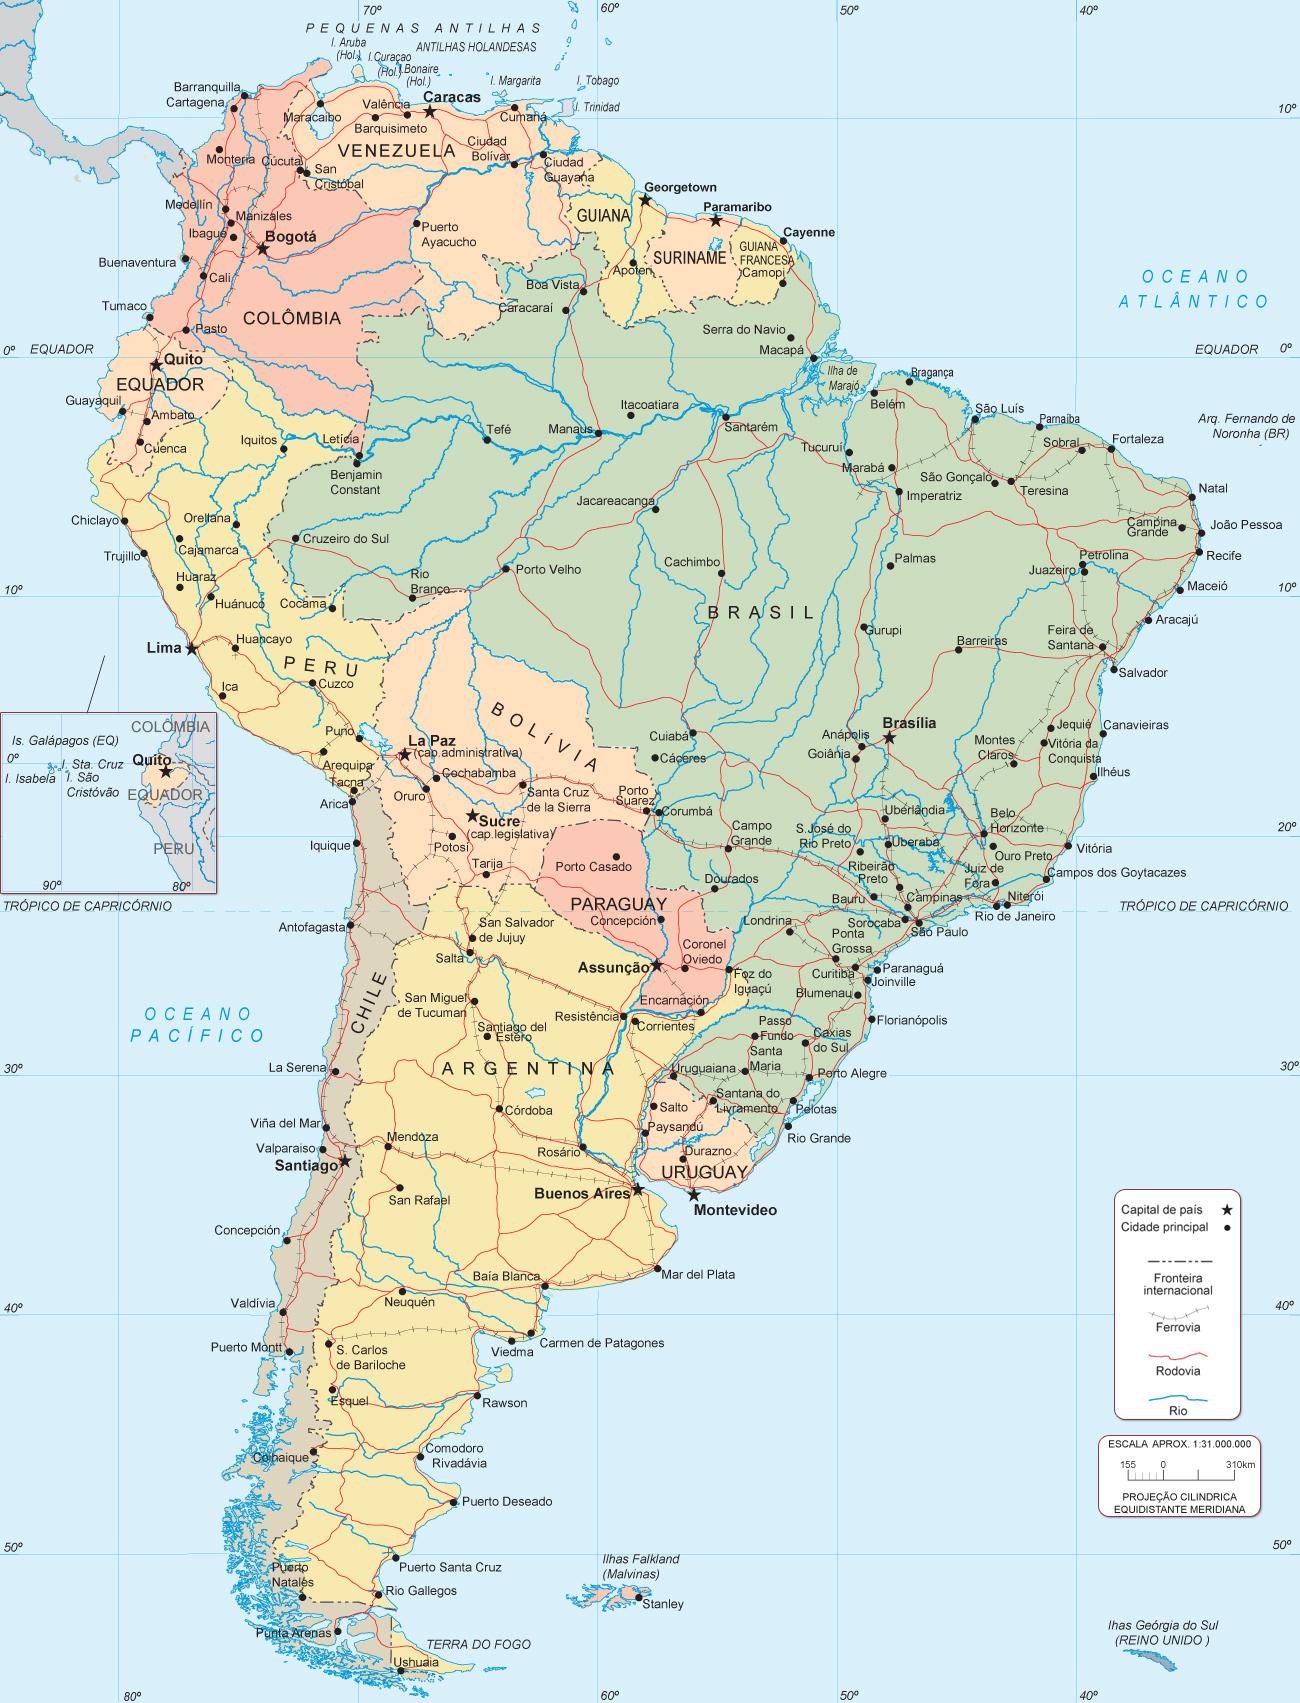 mapa america do sul e central Mapa da América do Sul mapa america do sul e central